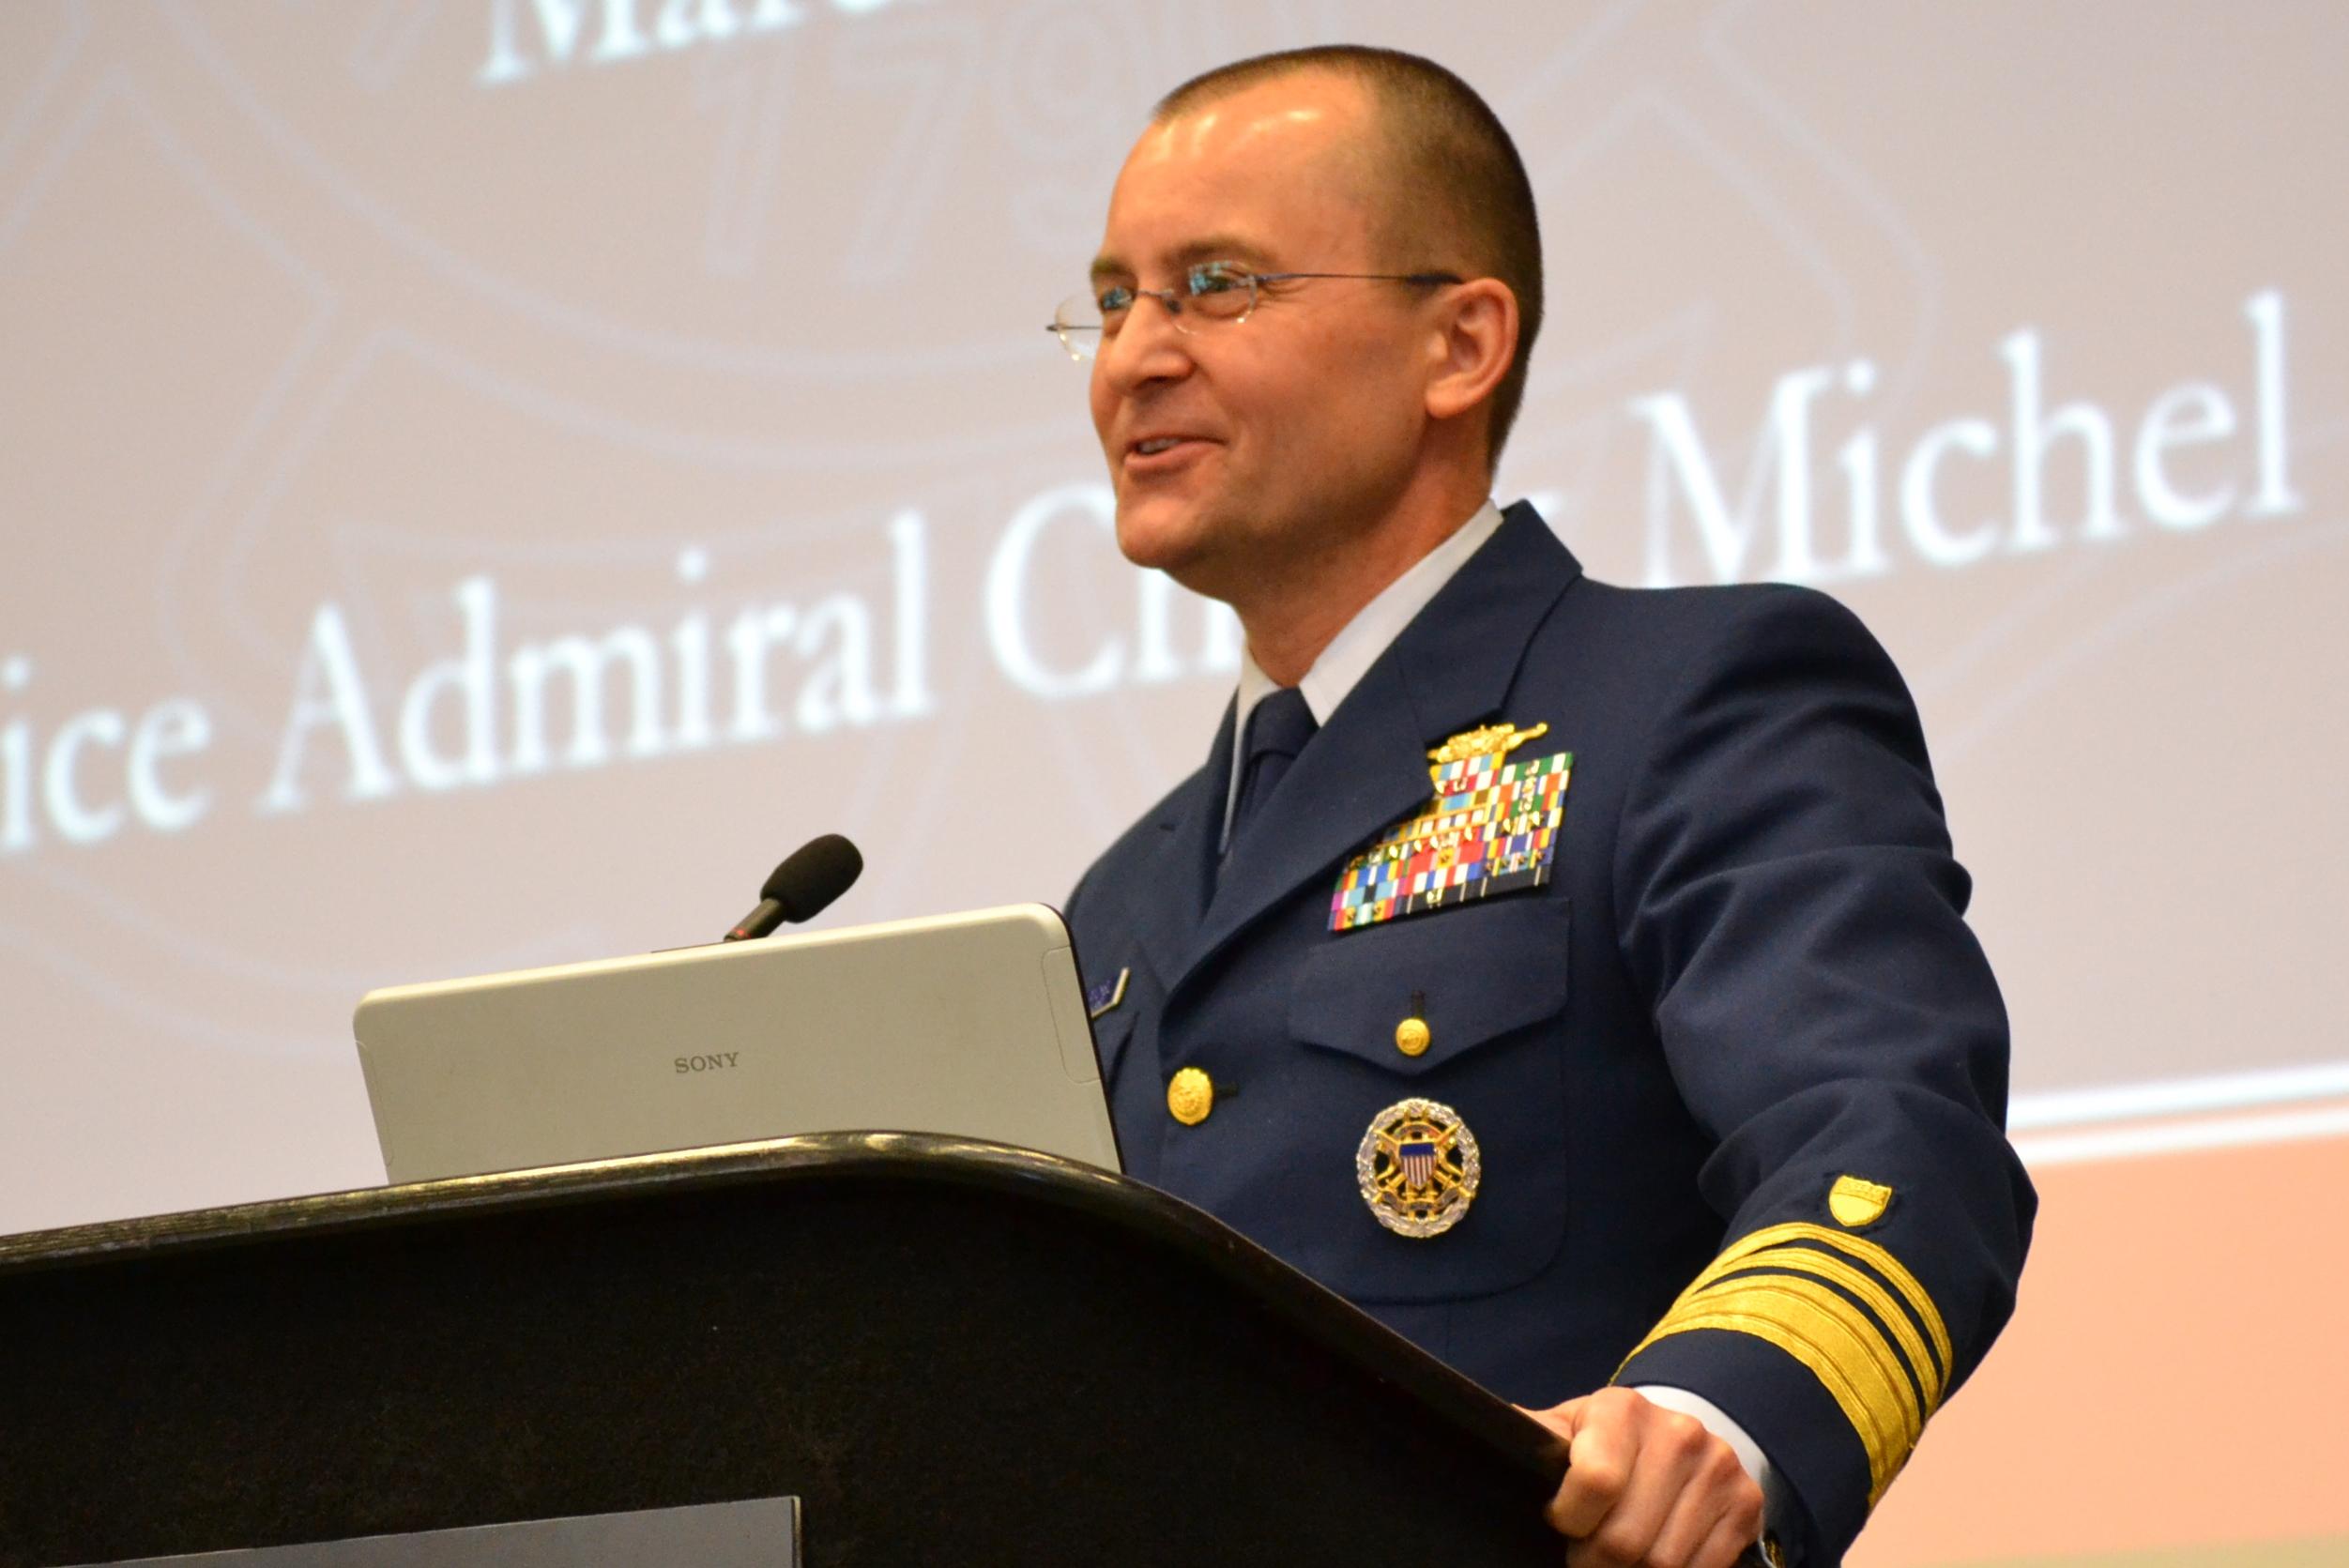 Vice Admiral Chuck Michel